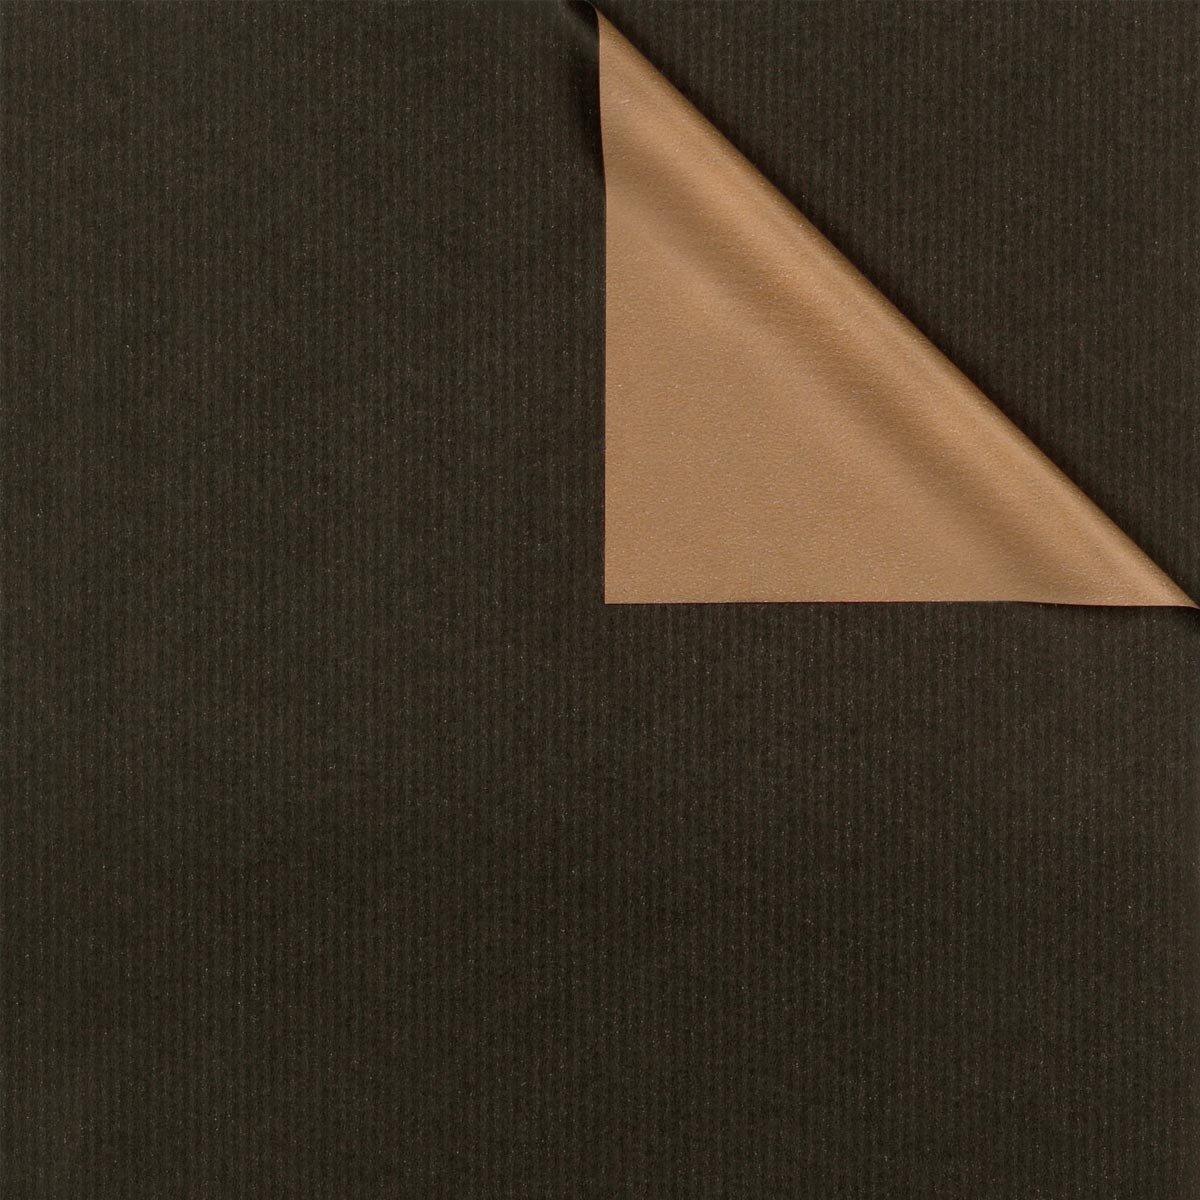 geschenkpapier zweiseitig in farben schwarz und gold. Black Bedroom Furniture Sets. Home Design Ideas